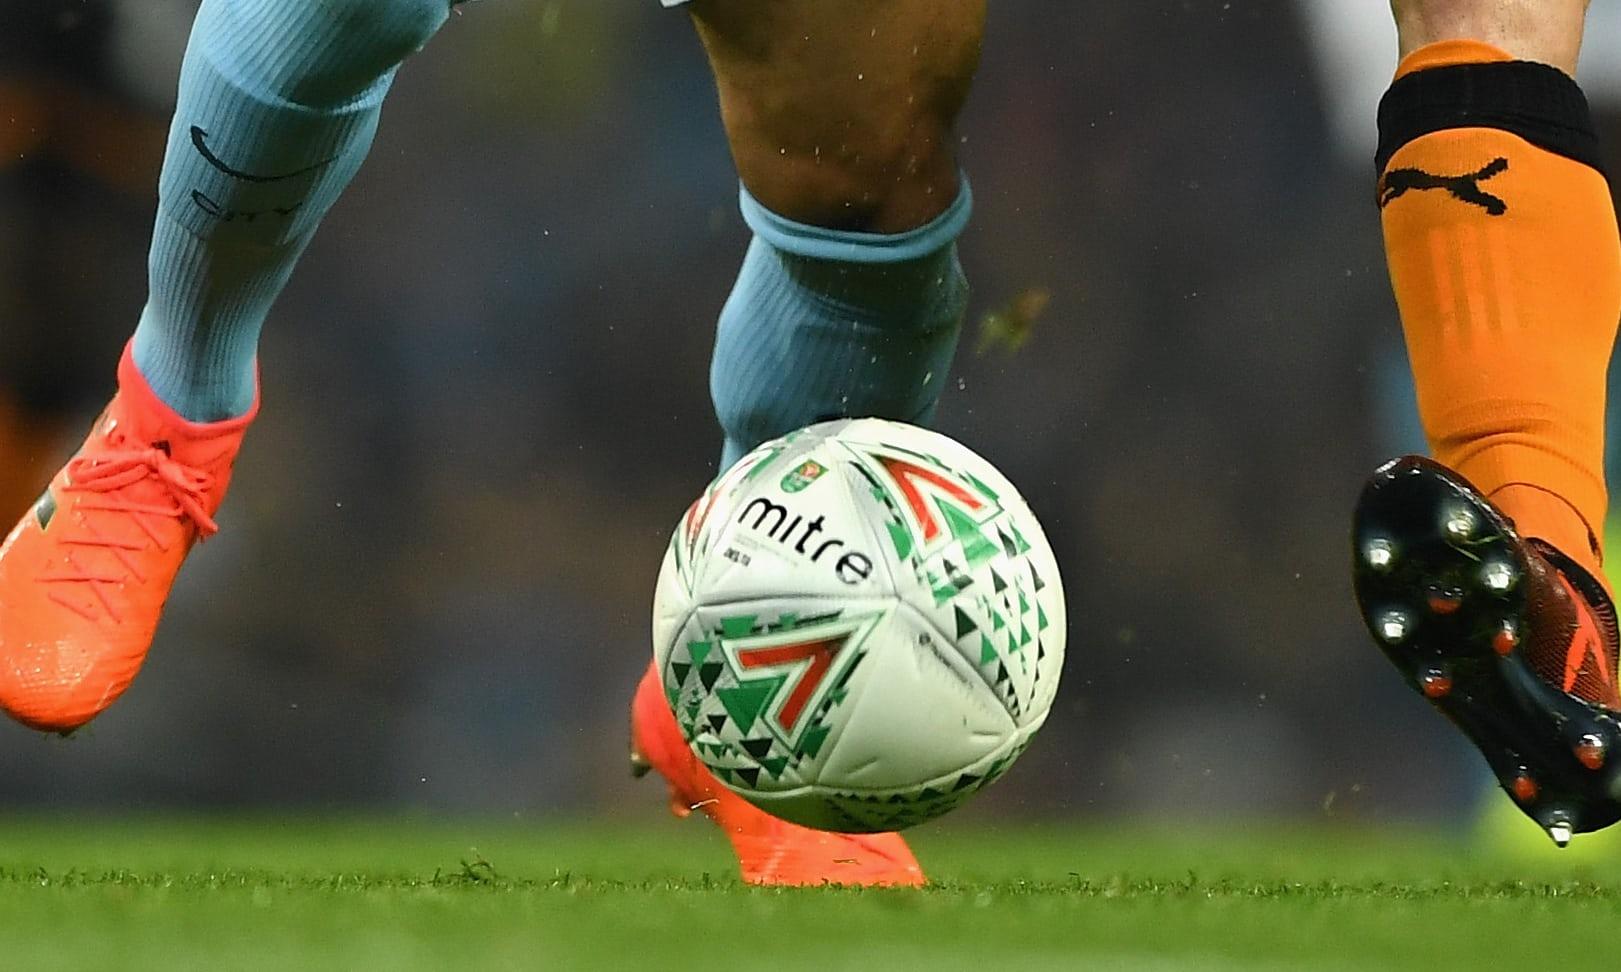 Markaların Kriz Yönetimi Sürecinde Yeni Vaka: Mitre Futbol Topu